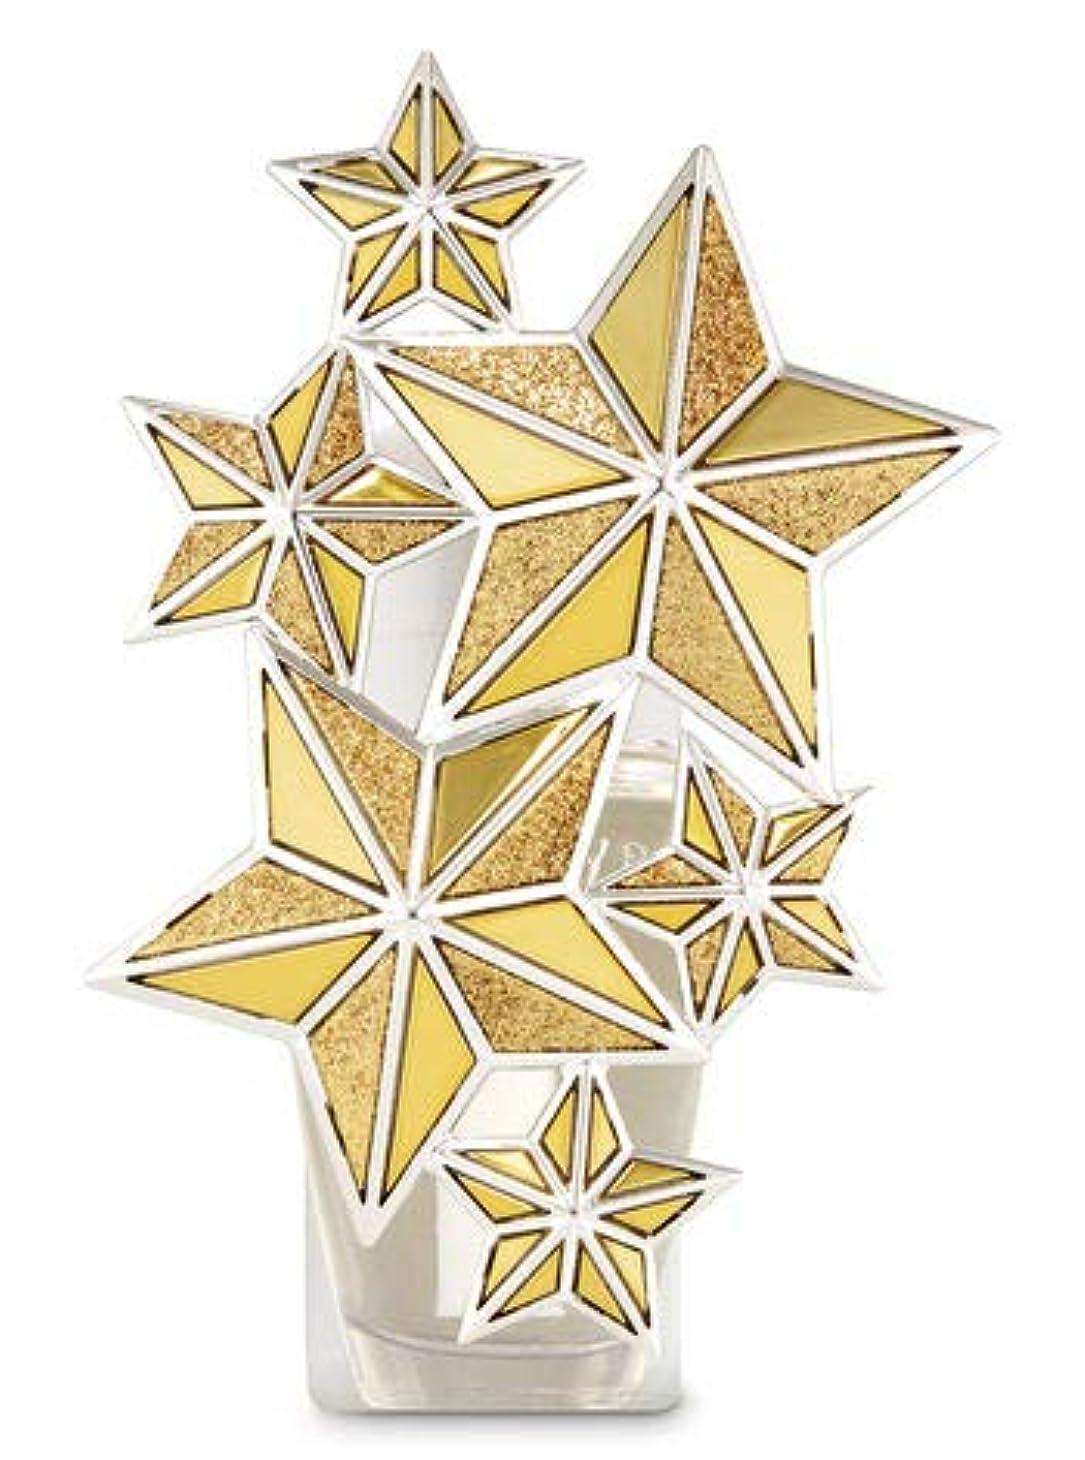 かび臭い喜ぶペチュランス【Bath&Body Works/バス&ボディワークス】 ルームフレグランス プラグインスターター (本体のみ) ゴールドスター ナイトライト Wallflowers Fragrance Plug Gold Star Night...